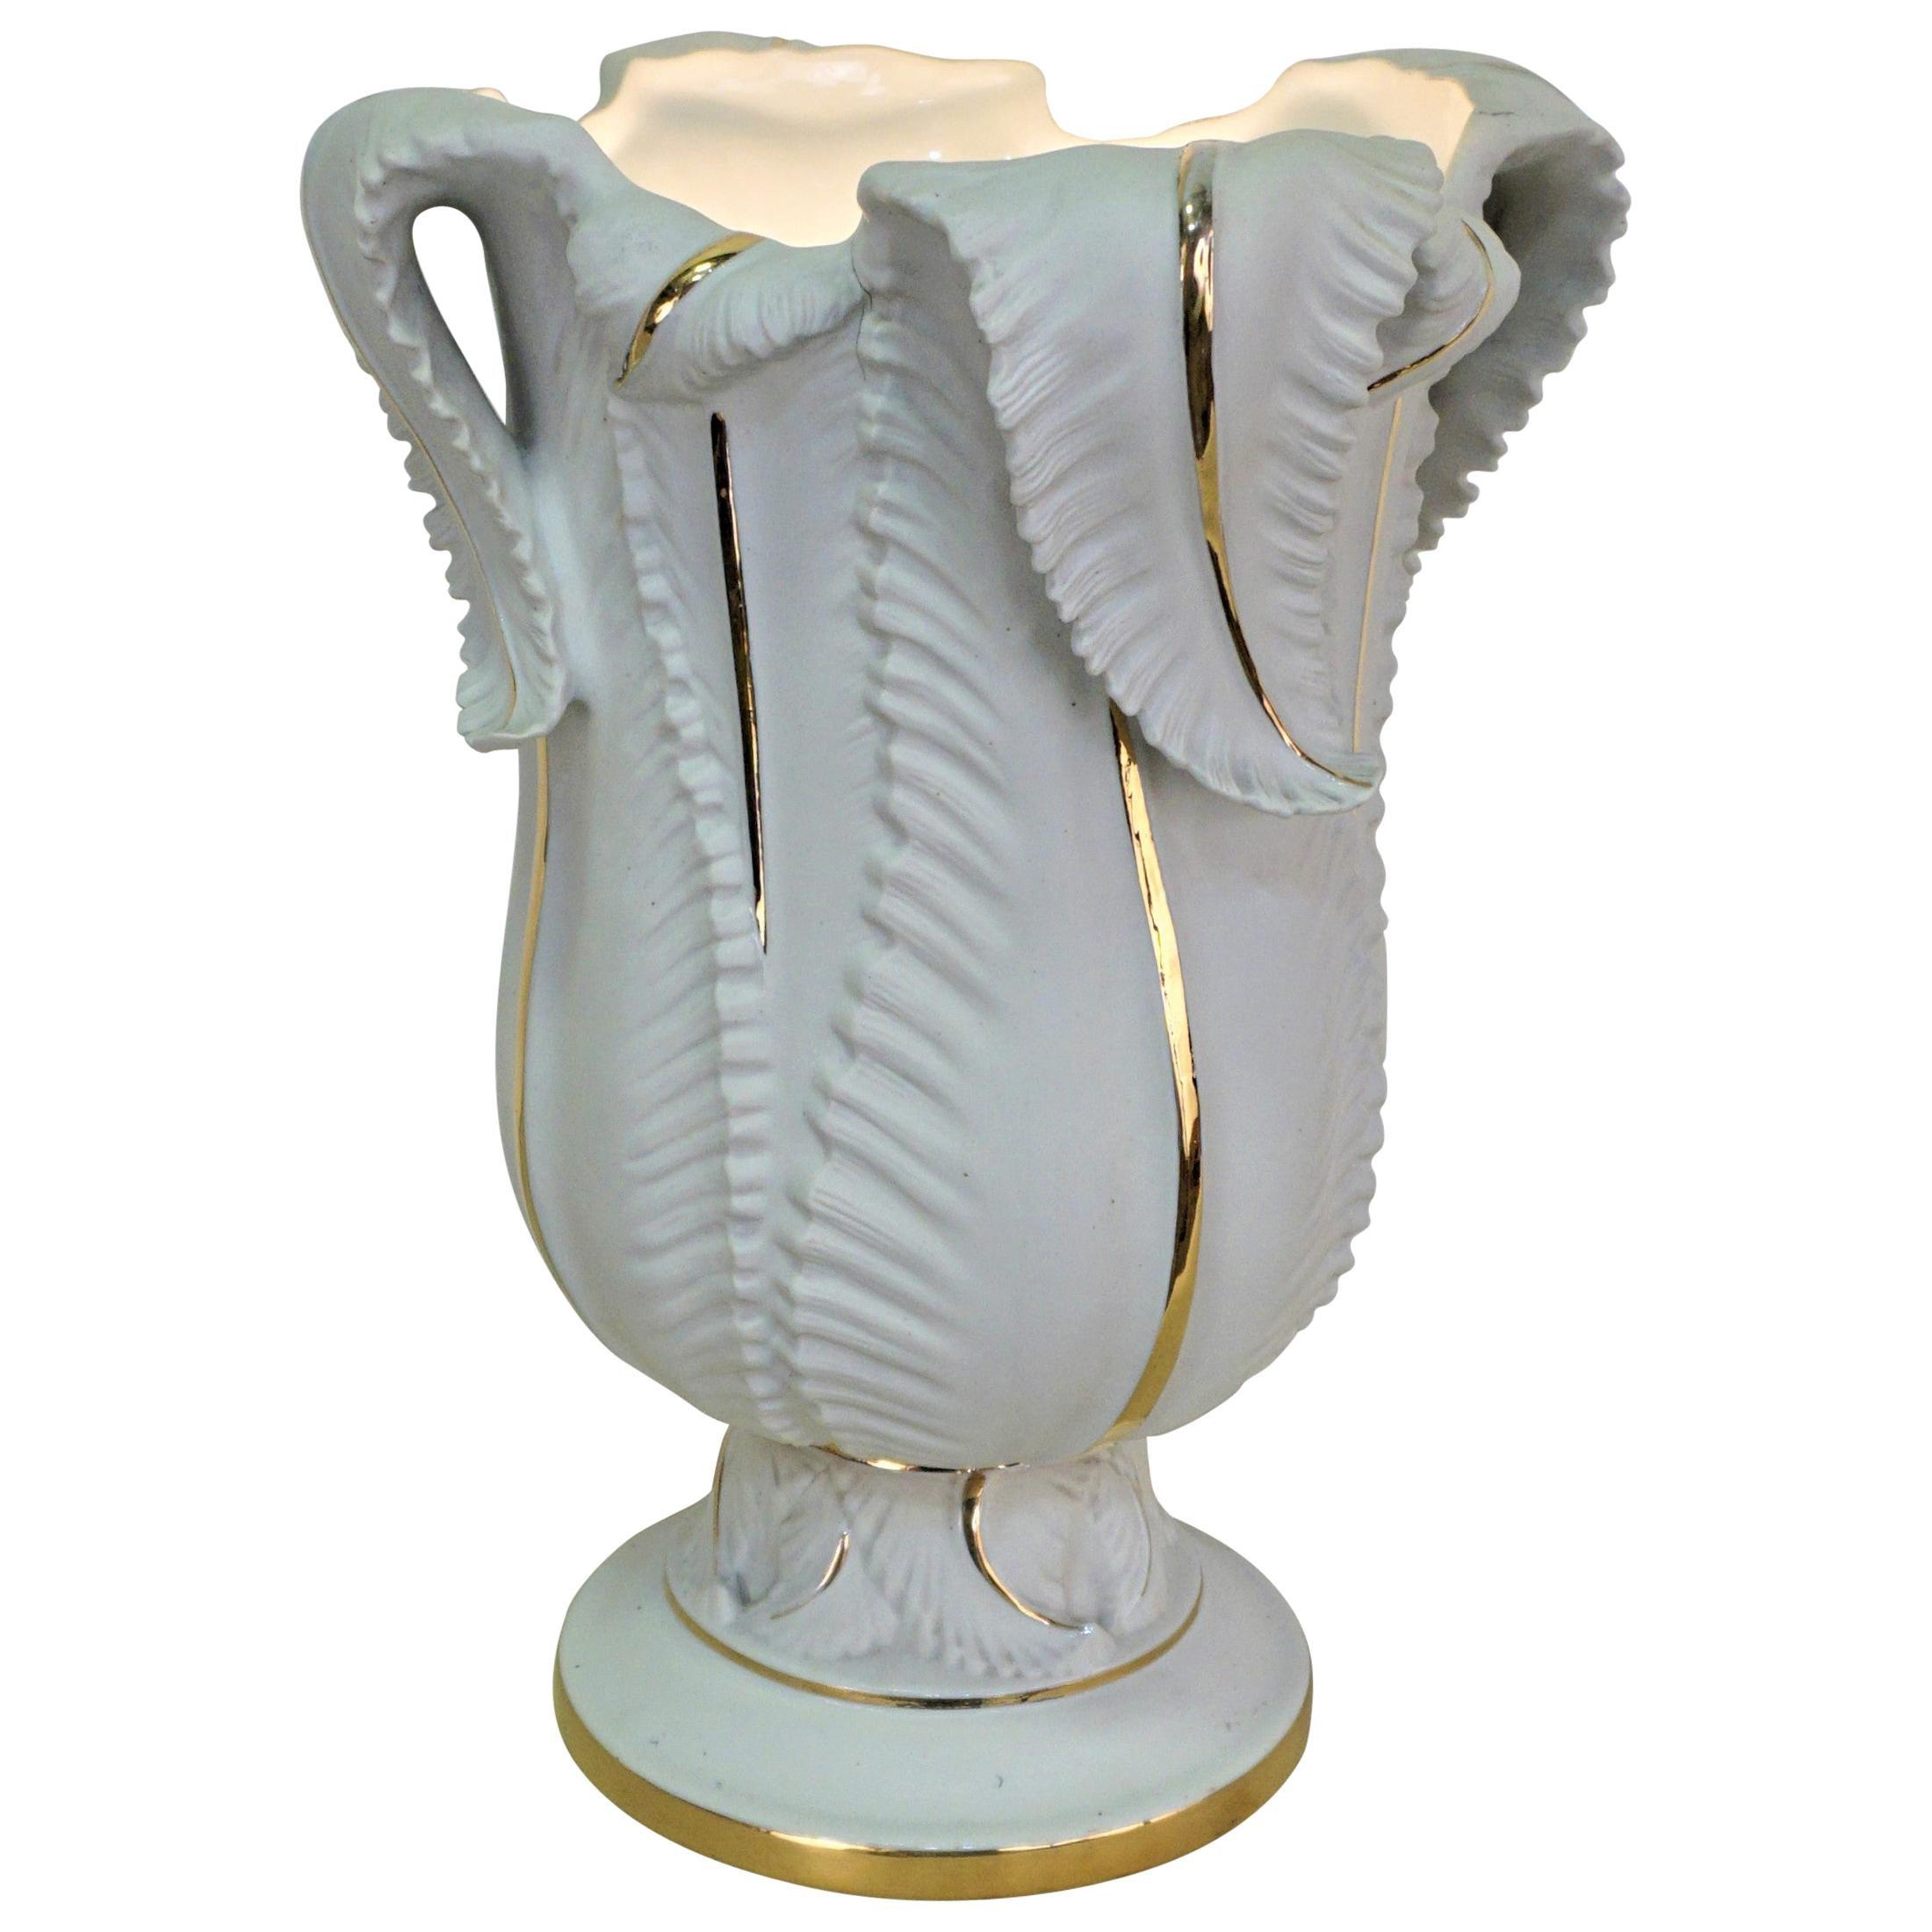 Upright Table Lamp Limoges Porcelain